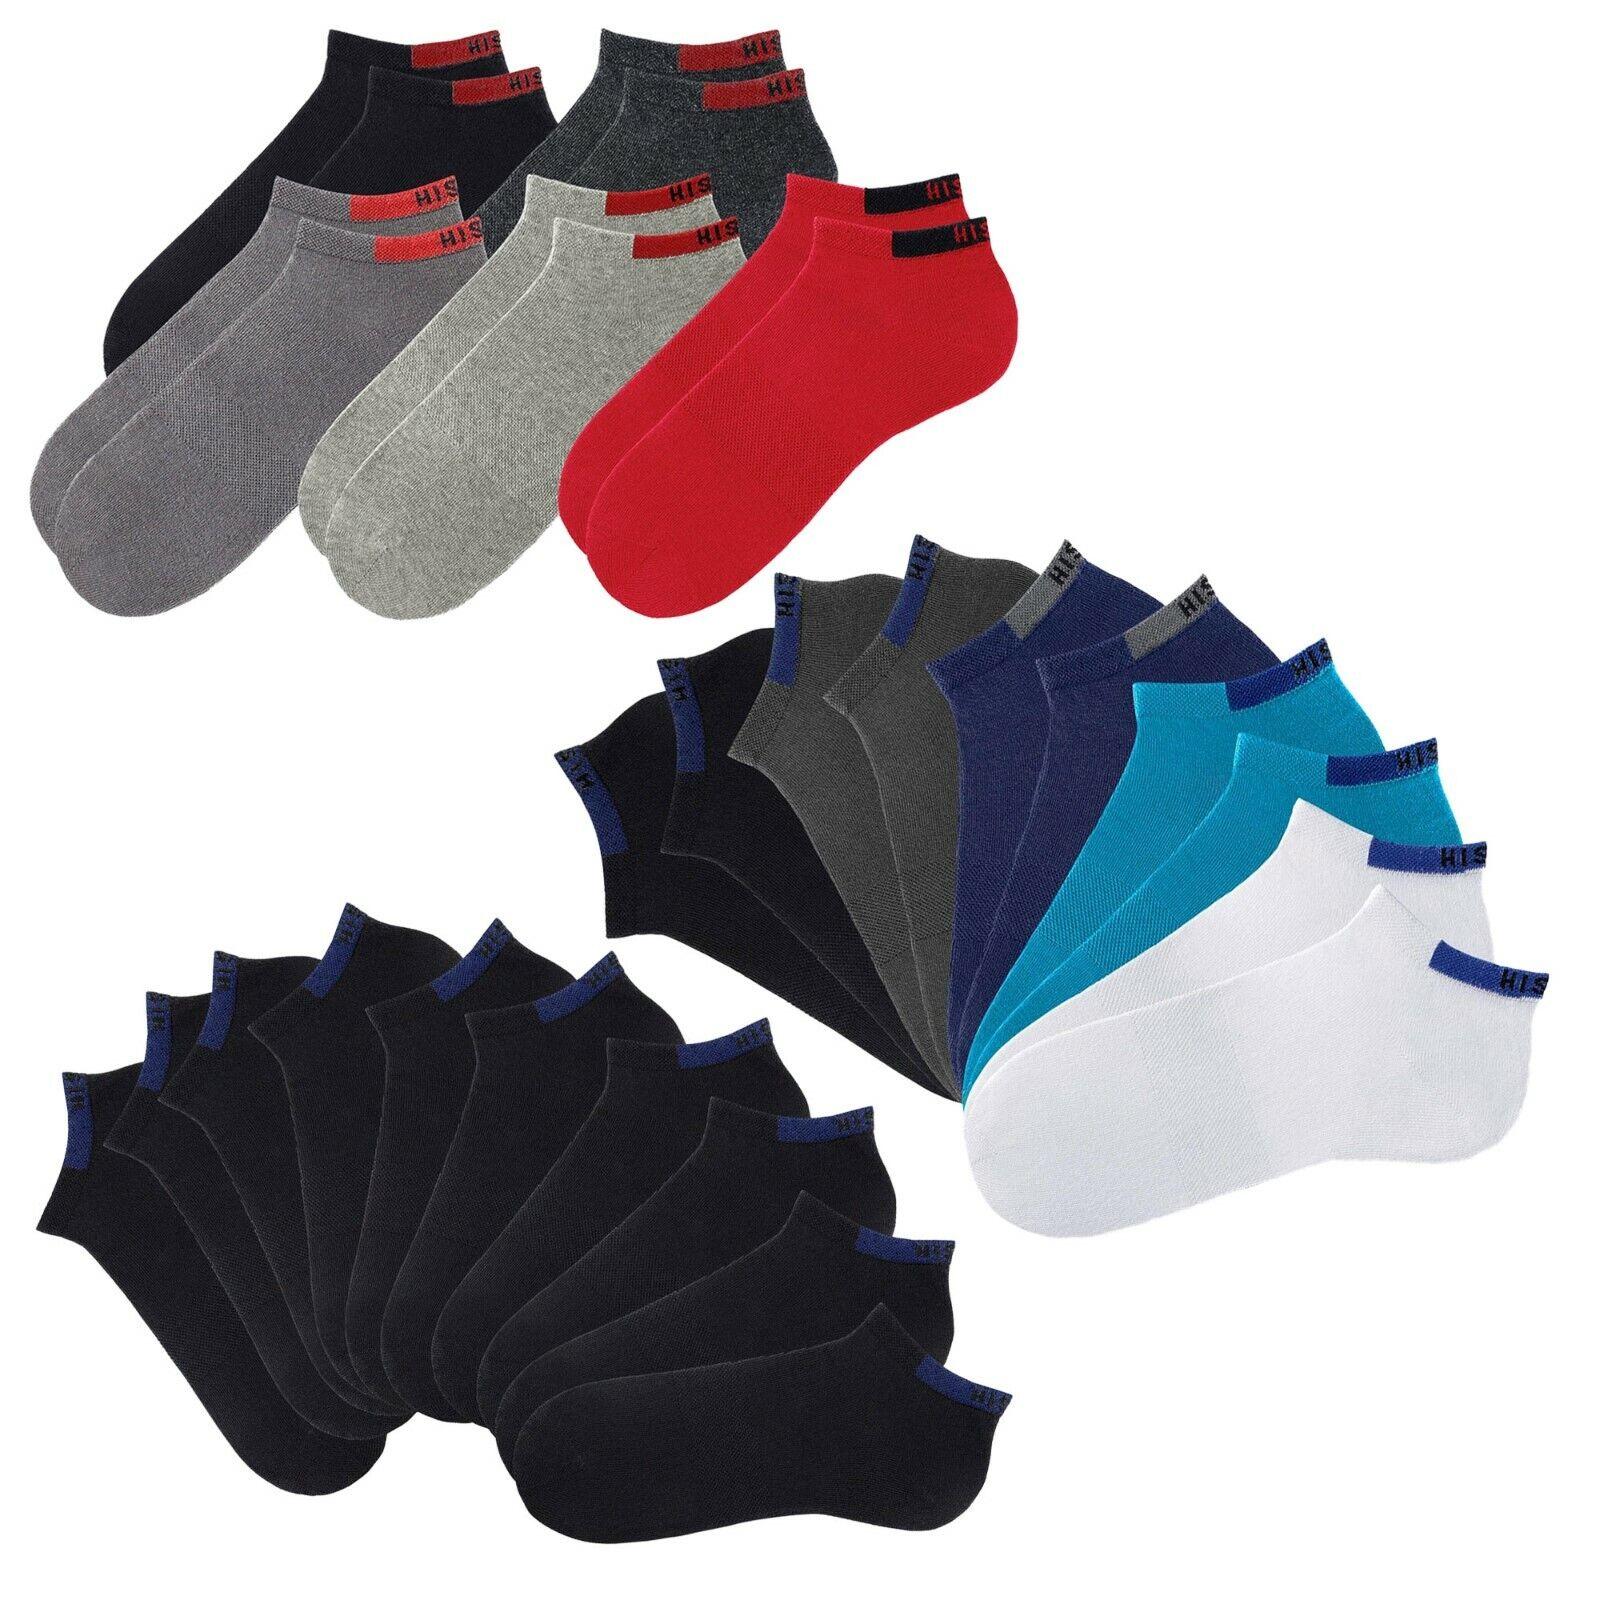 10 Paar Sneaker Socken von HIS, für Damen und Herren, H.I.S Strümpfe, langlebig